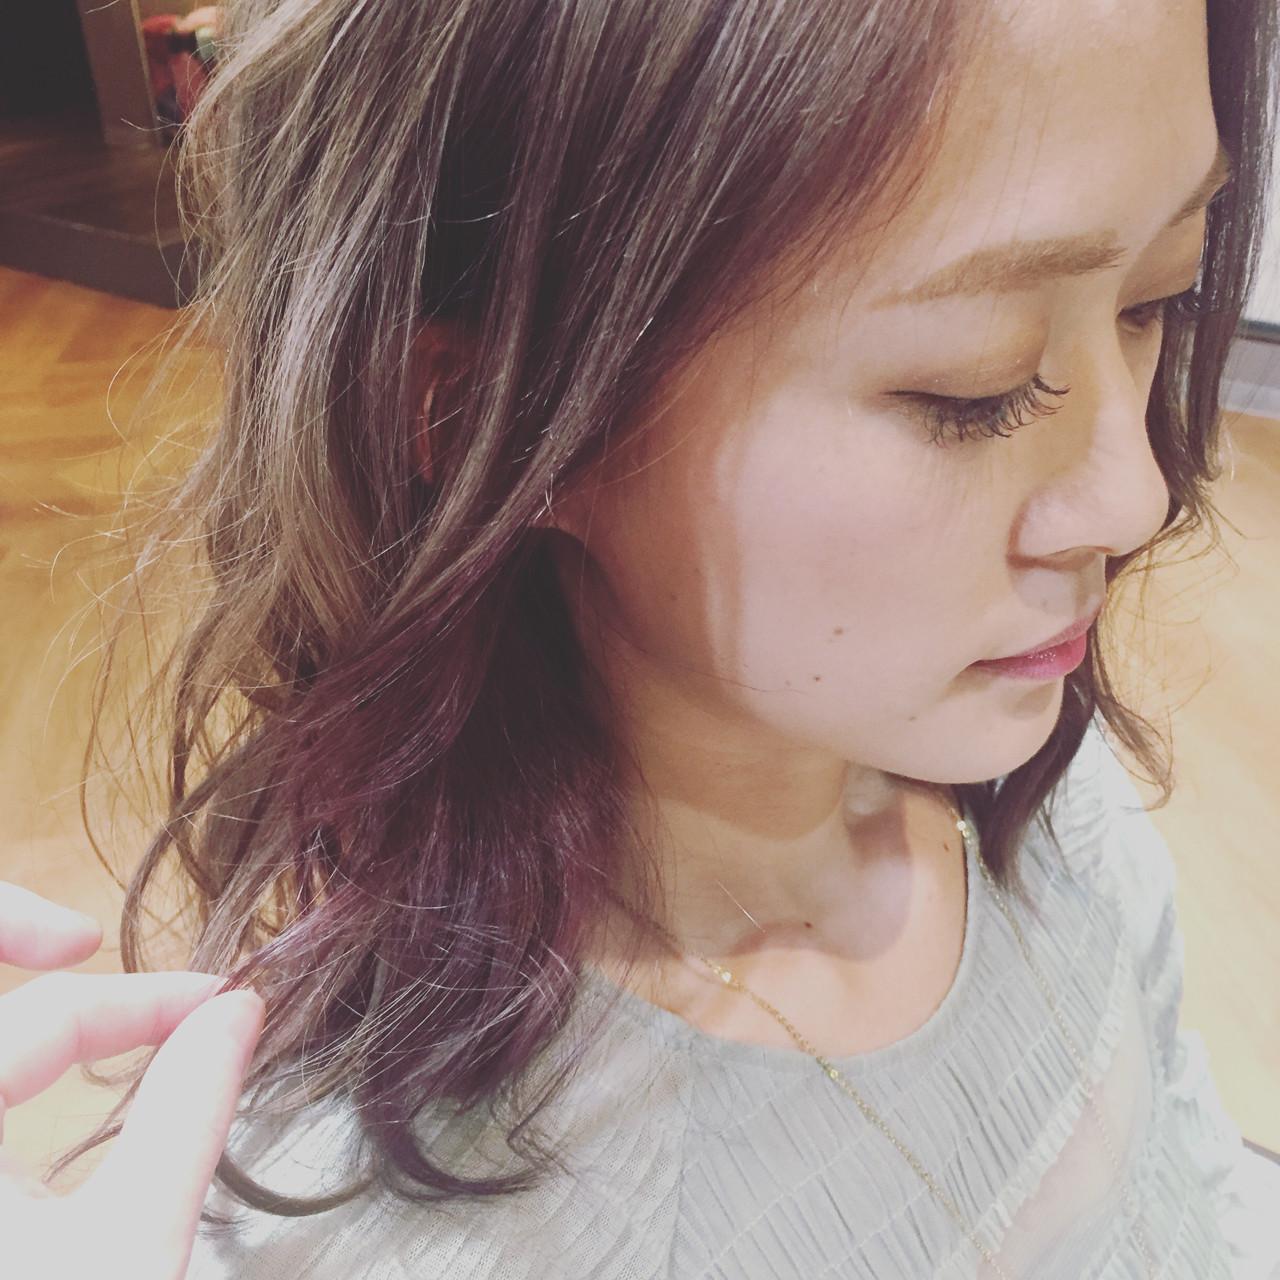 グレーアッシュ ベリーピンク イルミナカラー モード ヘアスタイルや髪型の写真・画像 | Bonheur / Bonheur西梅田店